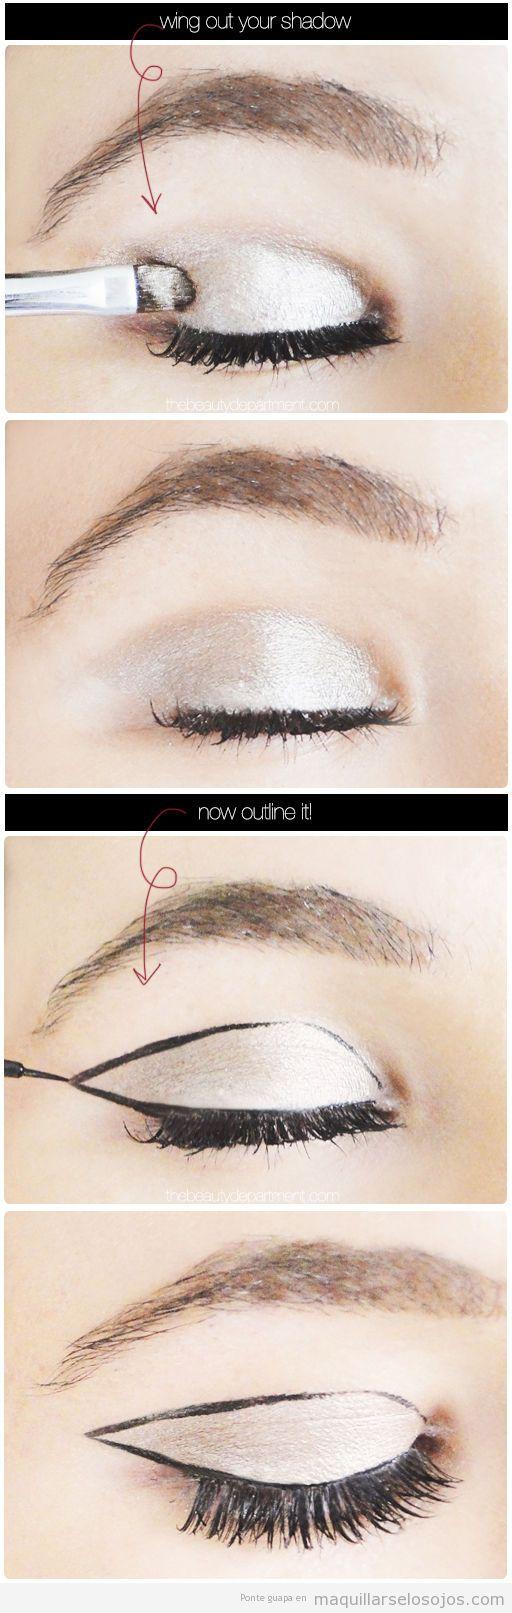 Tutorial maquillaje ojos para una fiesta, paso a paso 2